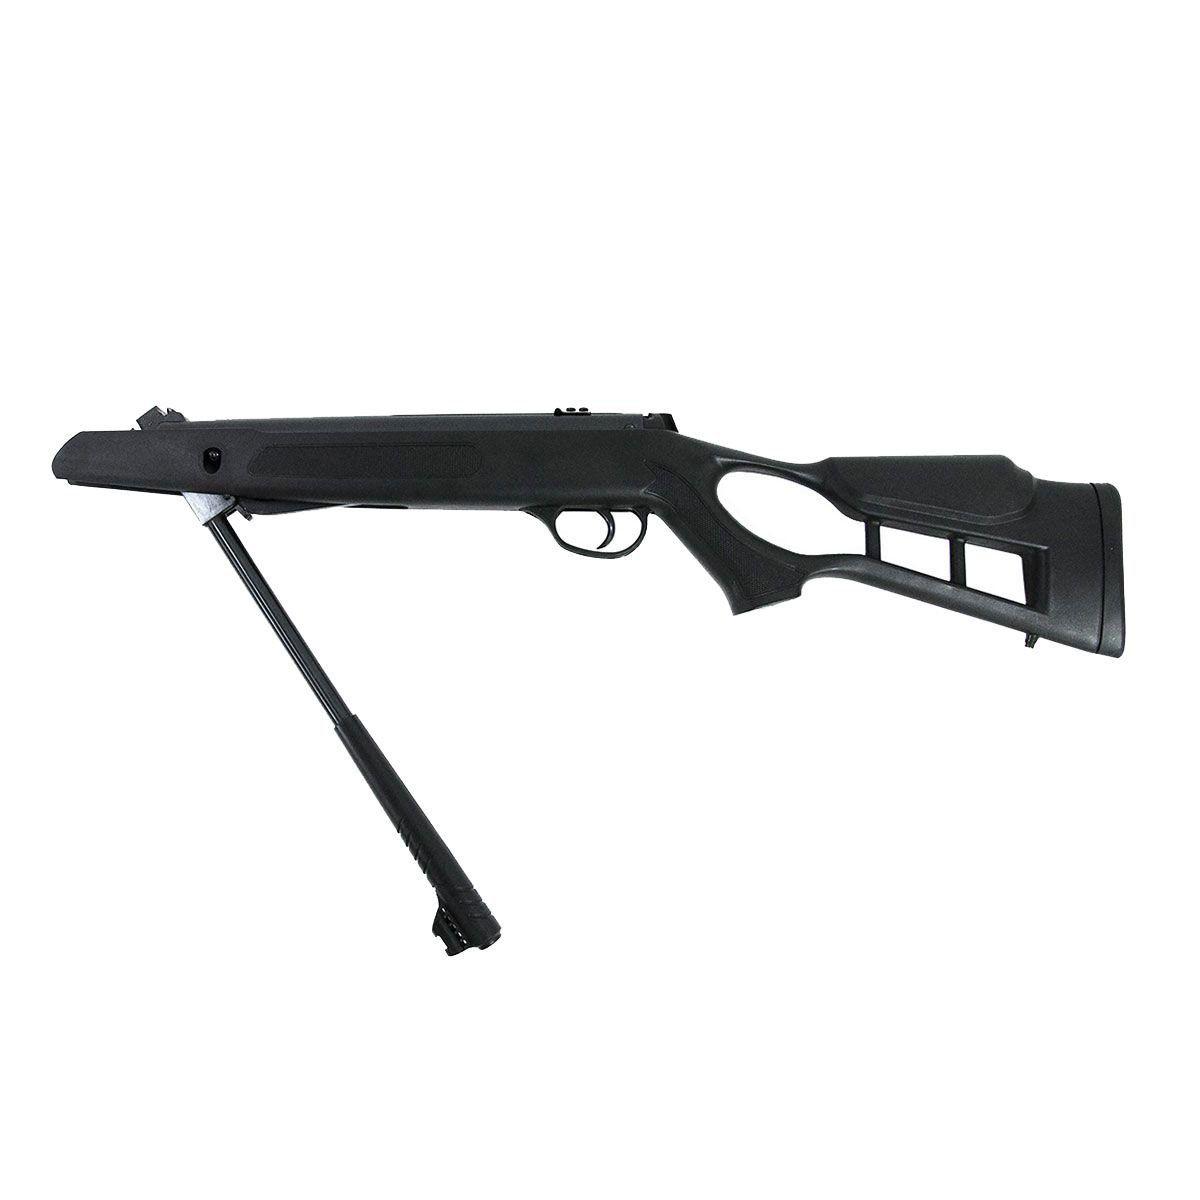 Kit Carabina de Pressão 5,5mm + Pistola C11 4,5mm